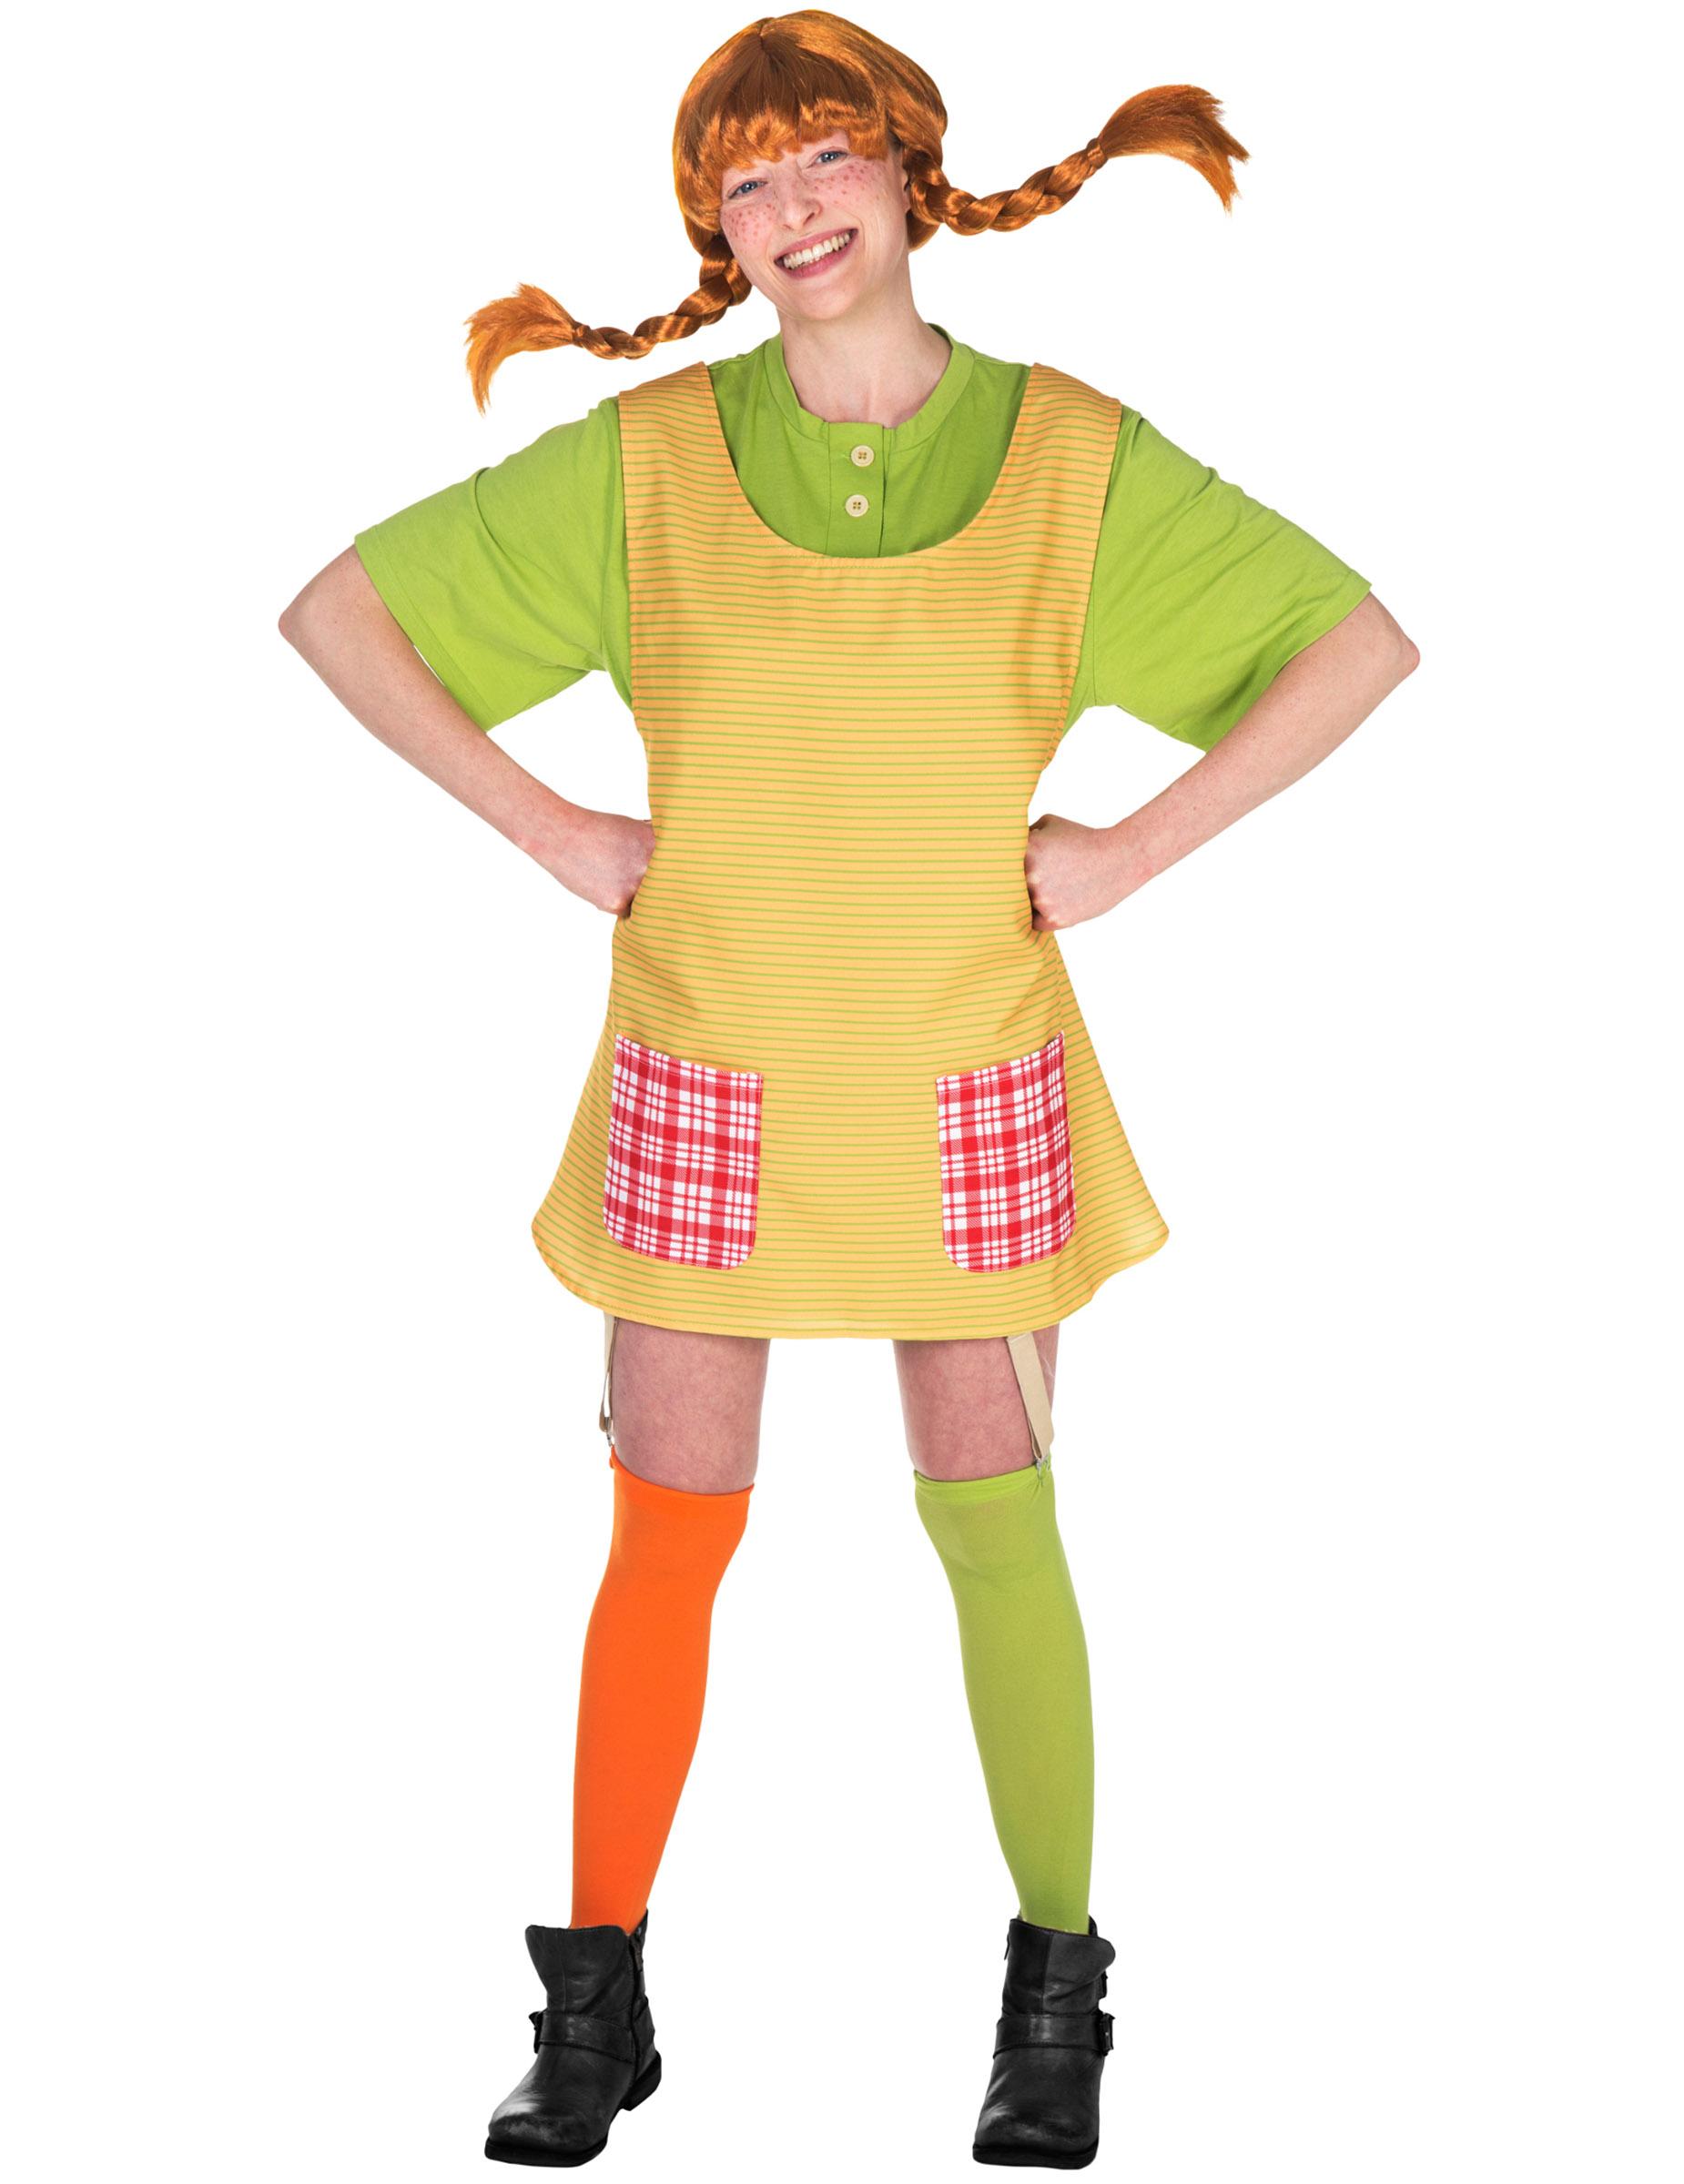 Pippi Långstrump-dräkt för vuxna 51f2210b5c0b9